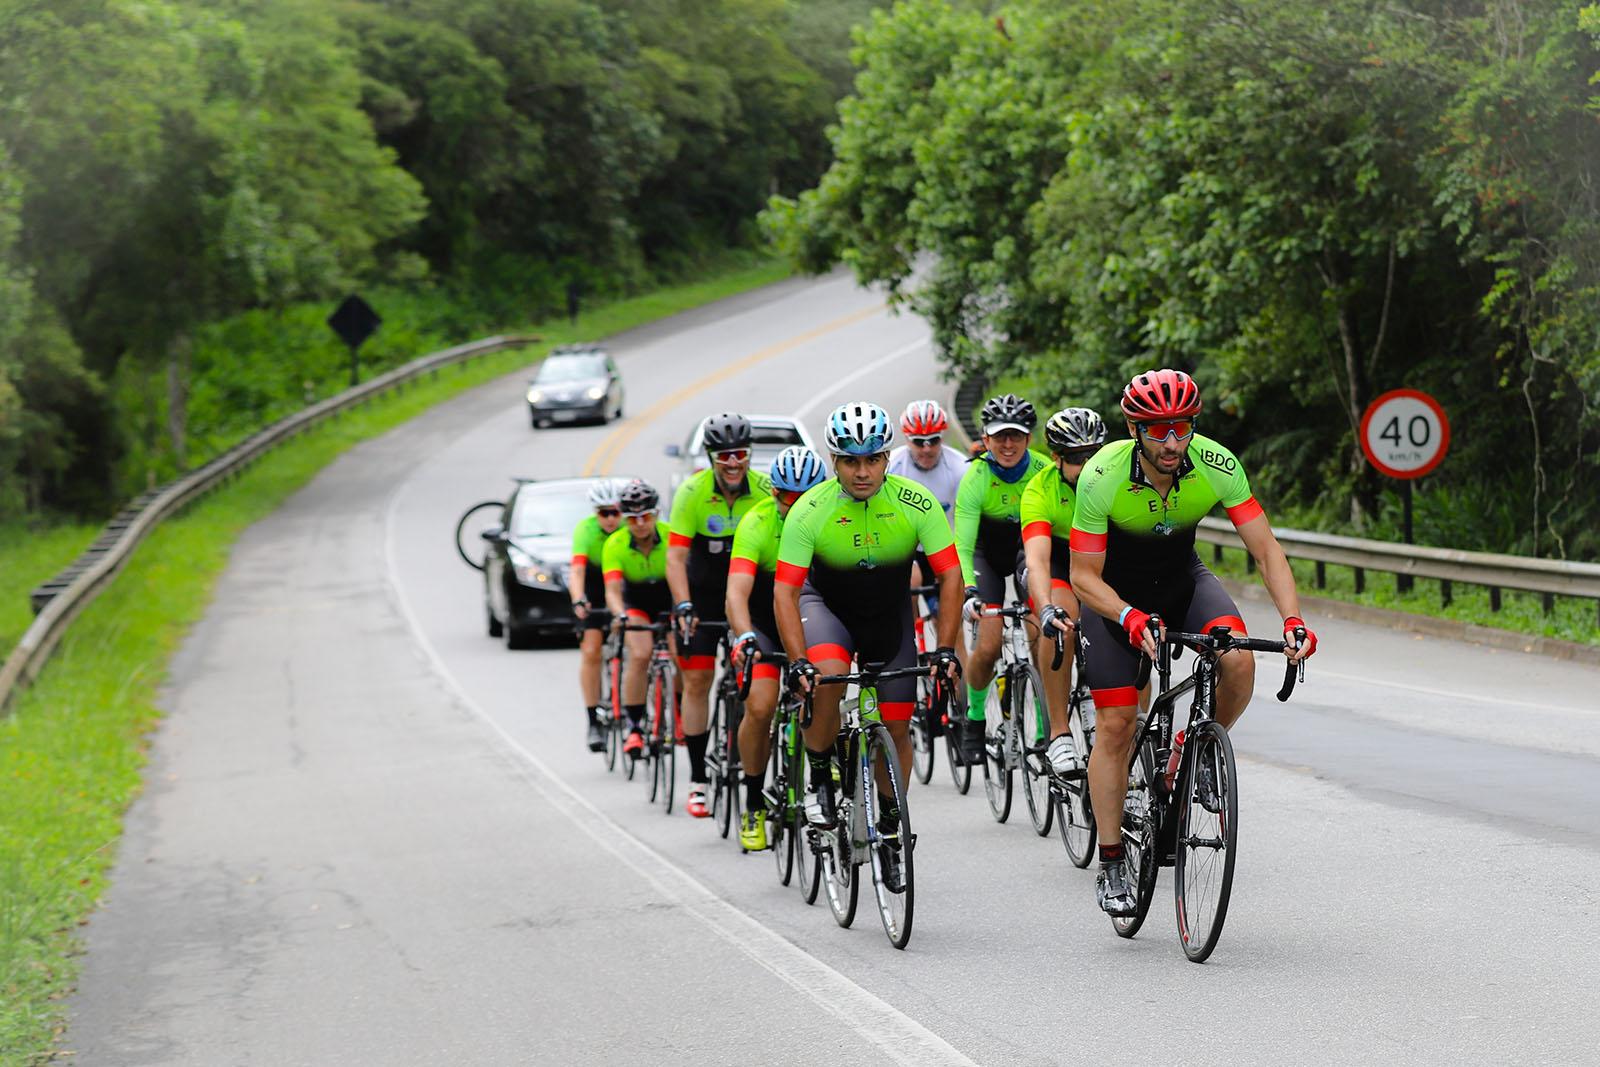 Jean Coloca ciclismo